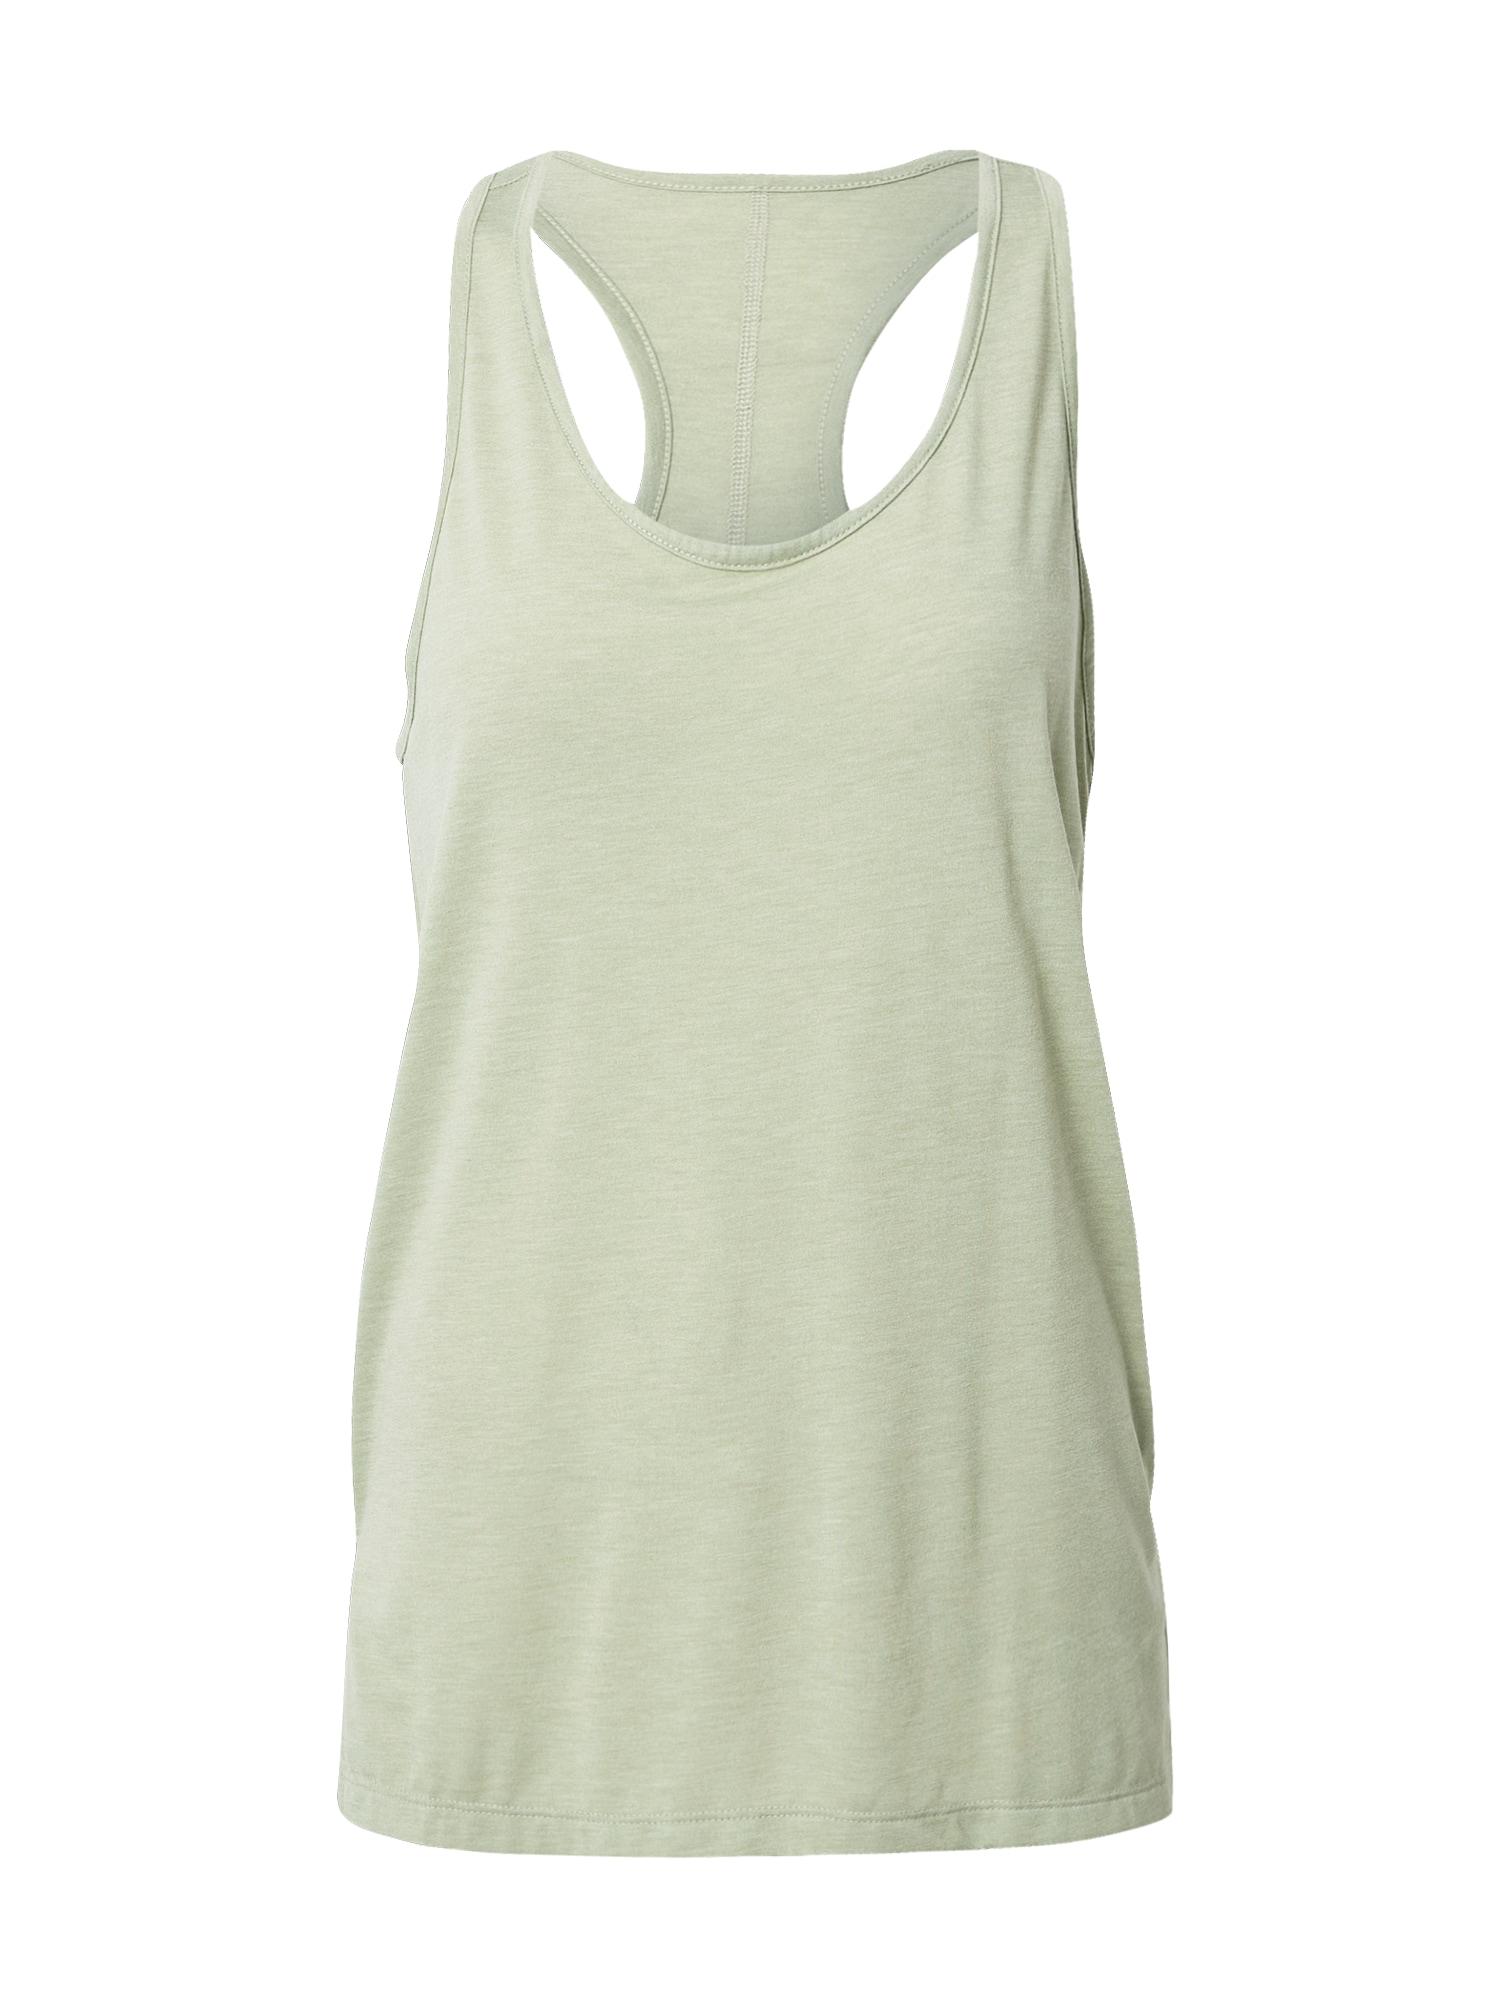 NIKE Sportiniai marškinėliai be rankovių šviesiai žalia